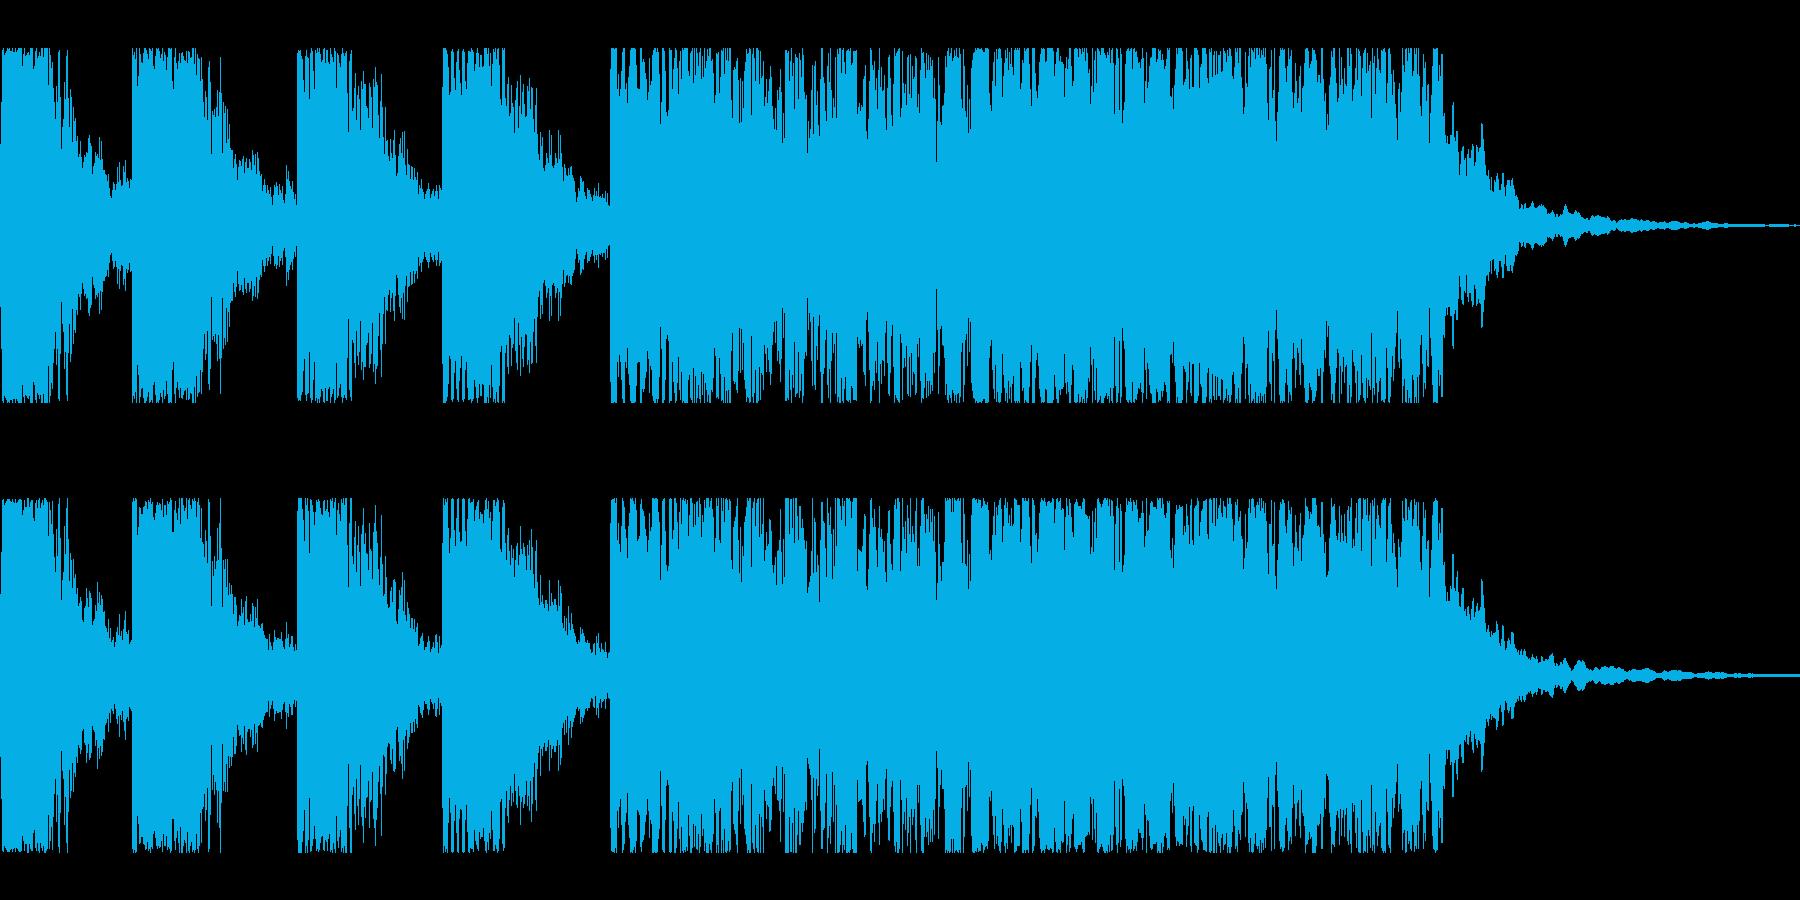 キラキラキラティティティ-ン(発見の音)の再生済みの波形